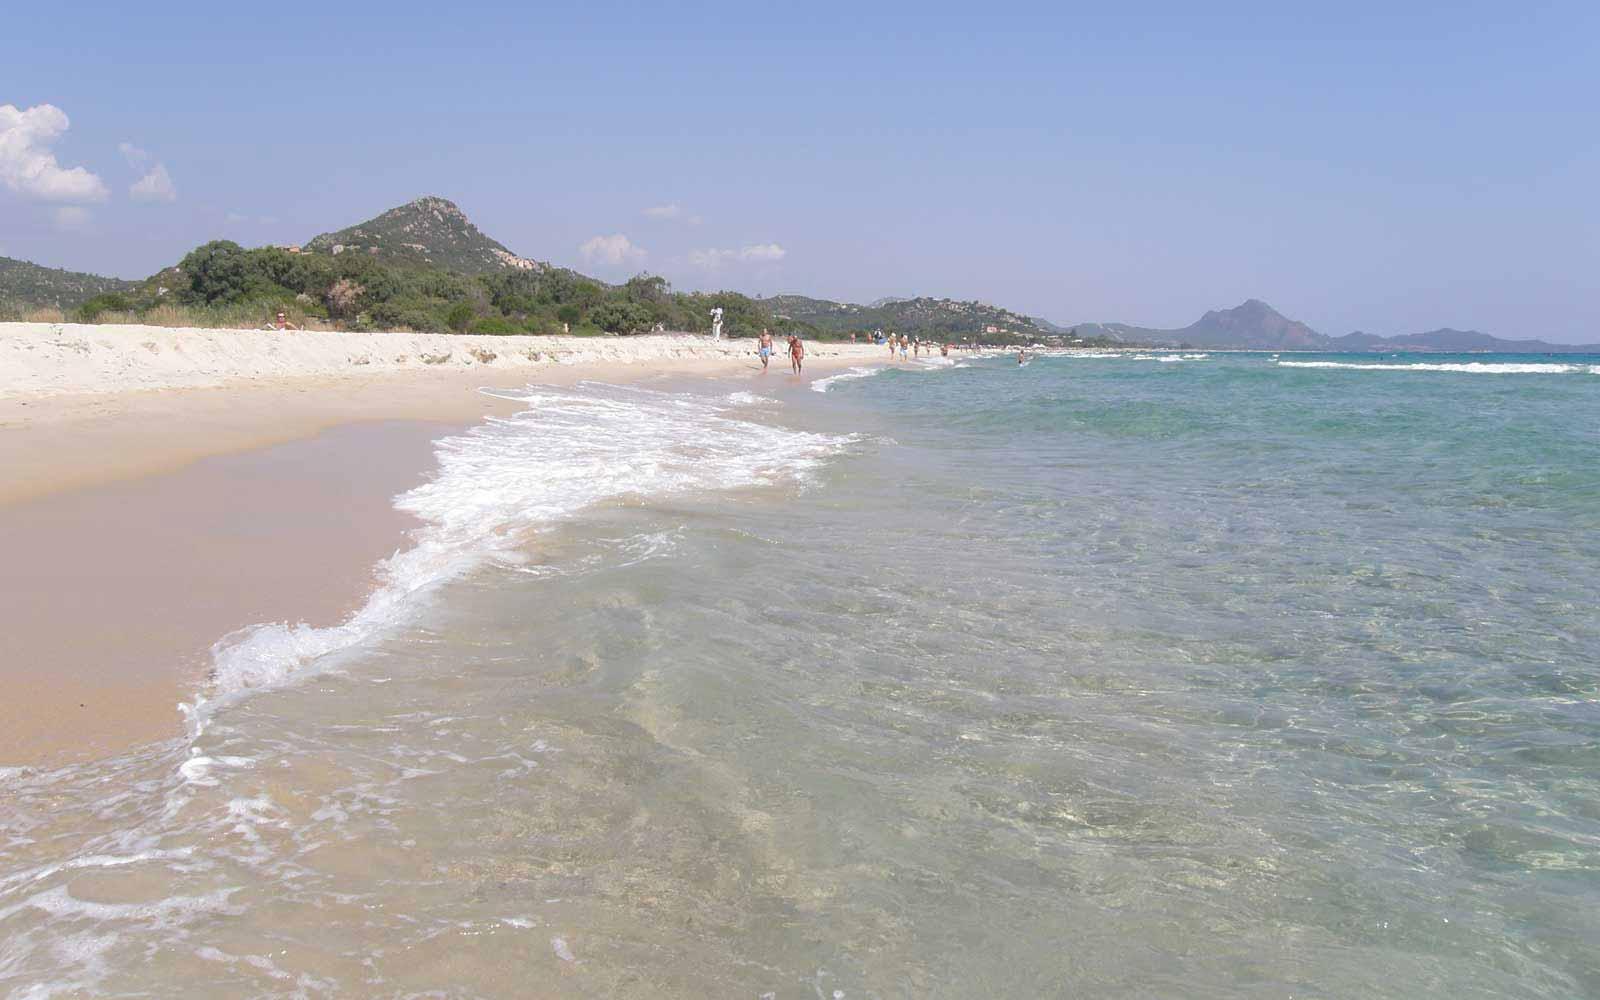 Beach at Hotel Villas Resort - Villas